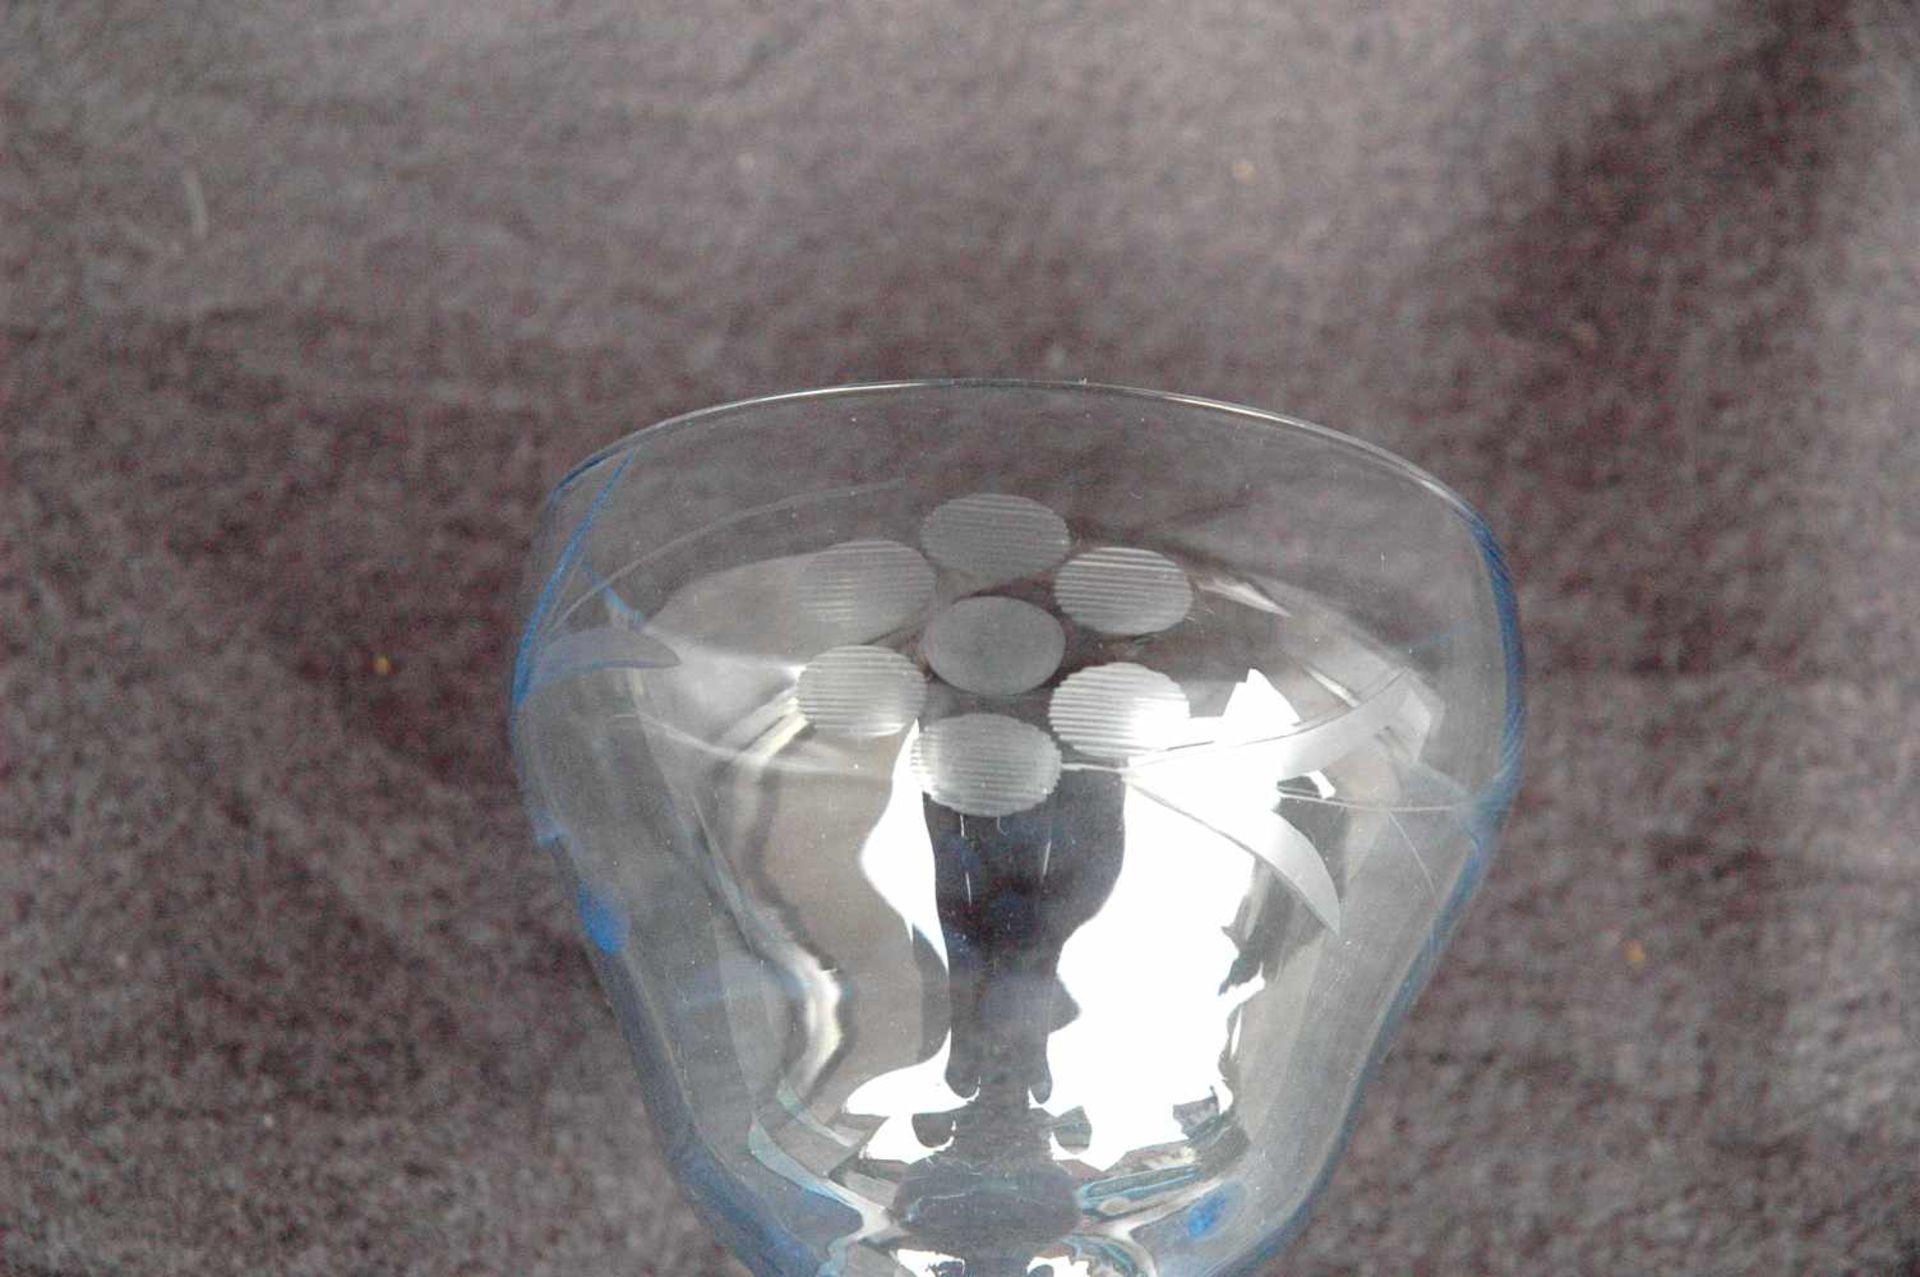 Weinglas, 20er Jahre, geätzt und geschliffen, Kelch blau - Bild 2 aus 2